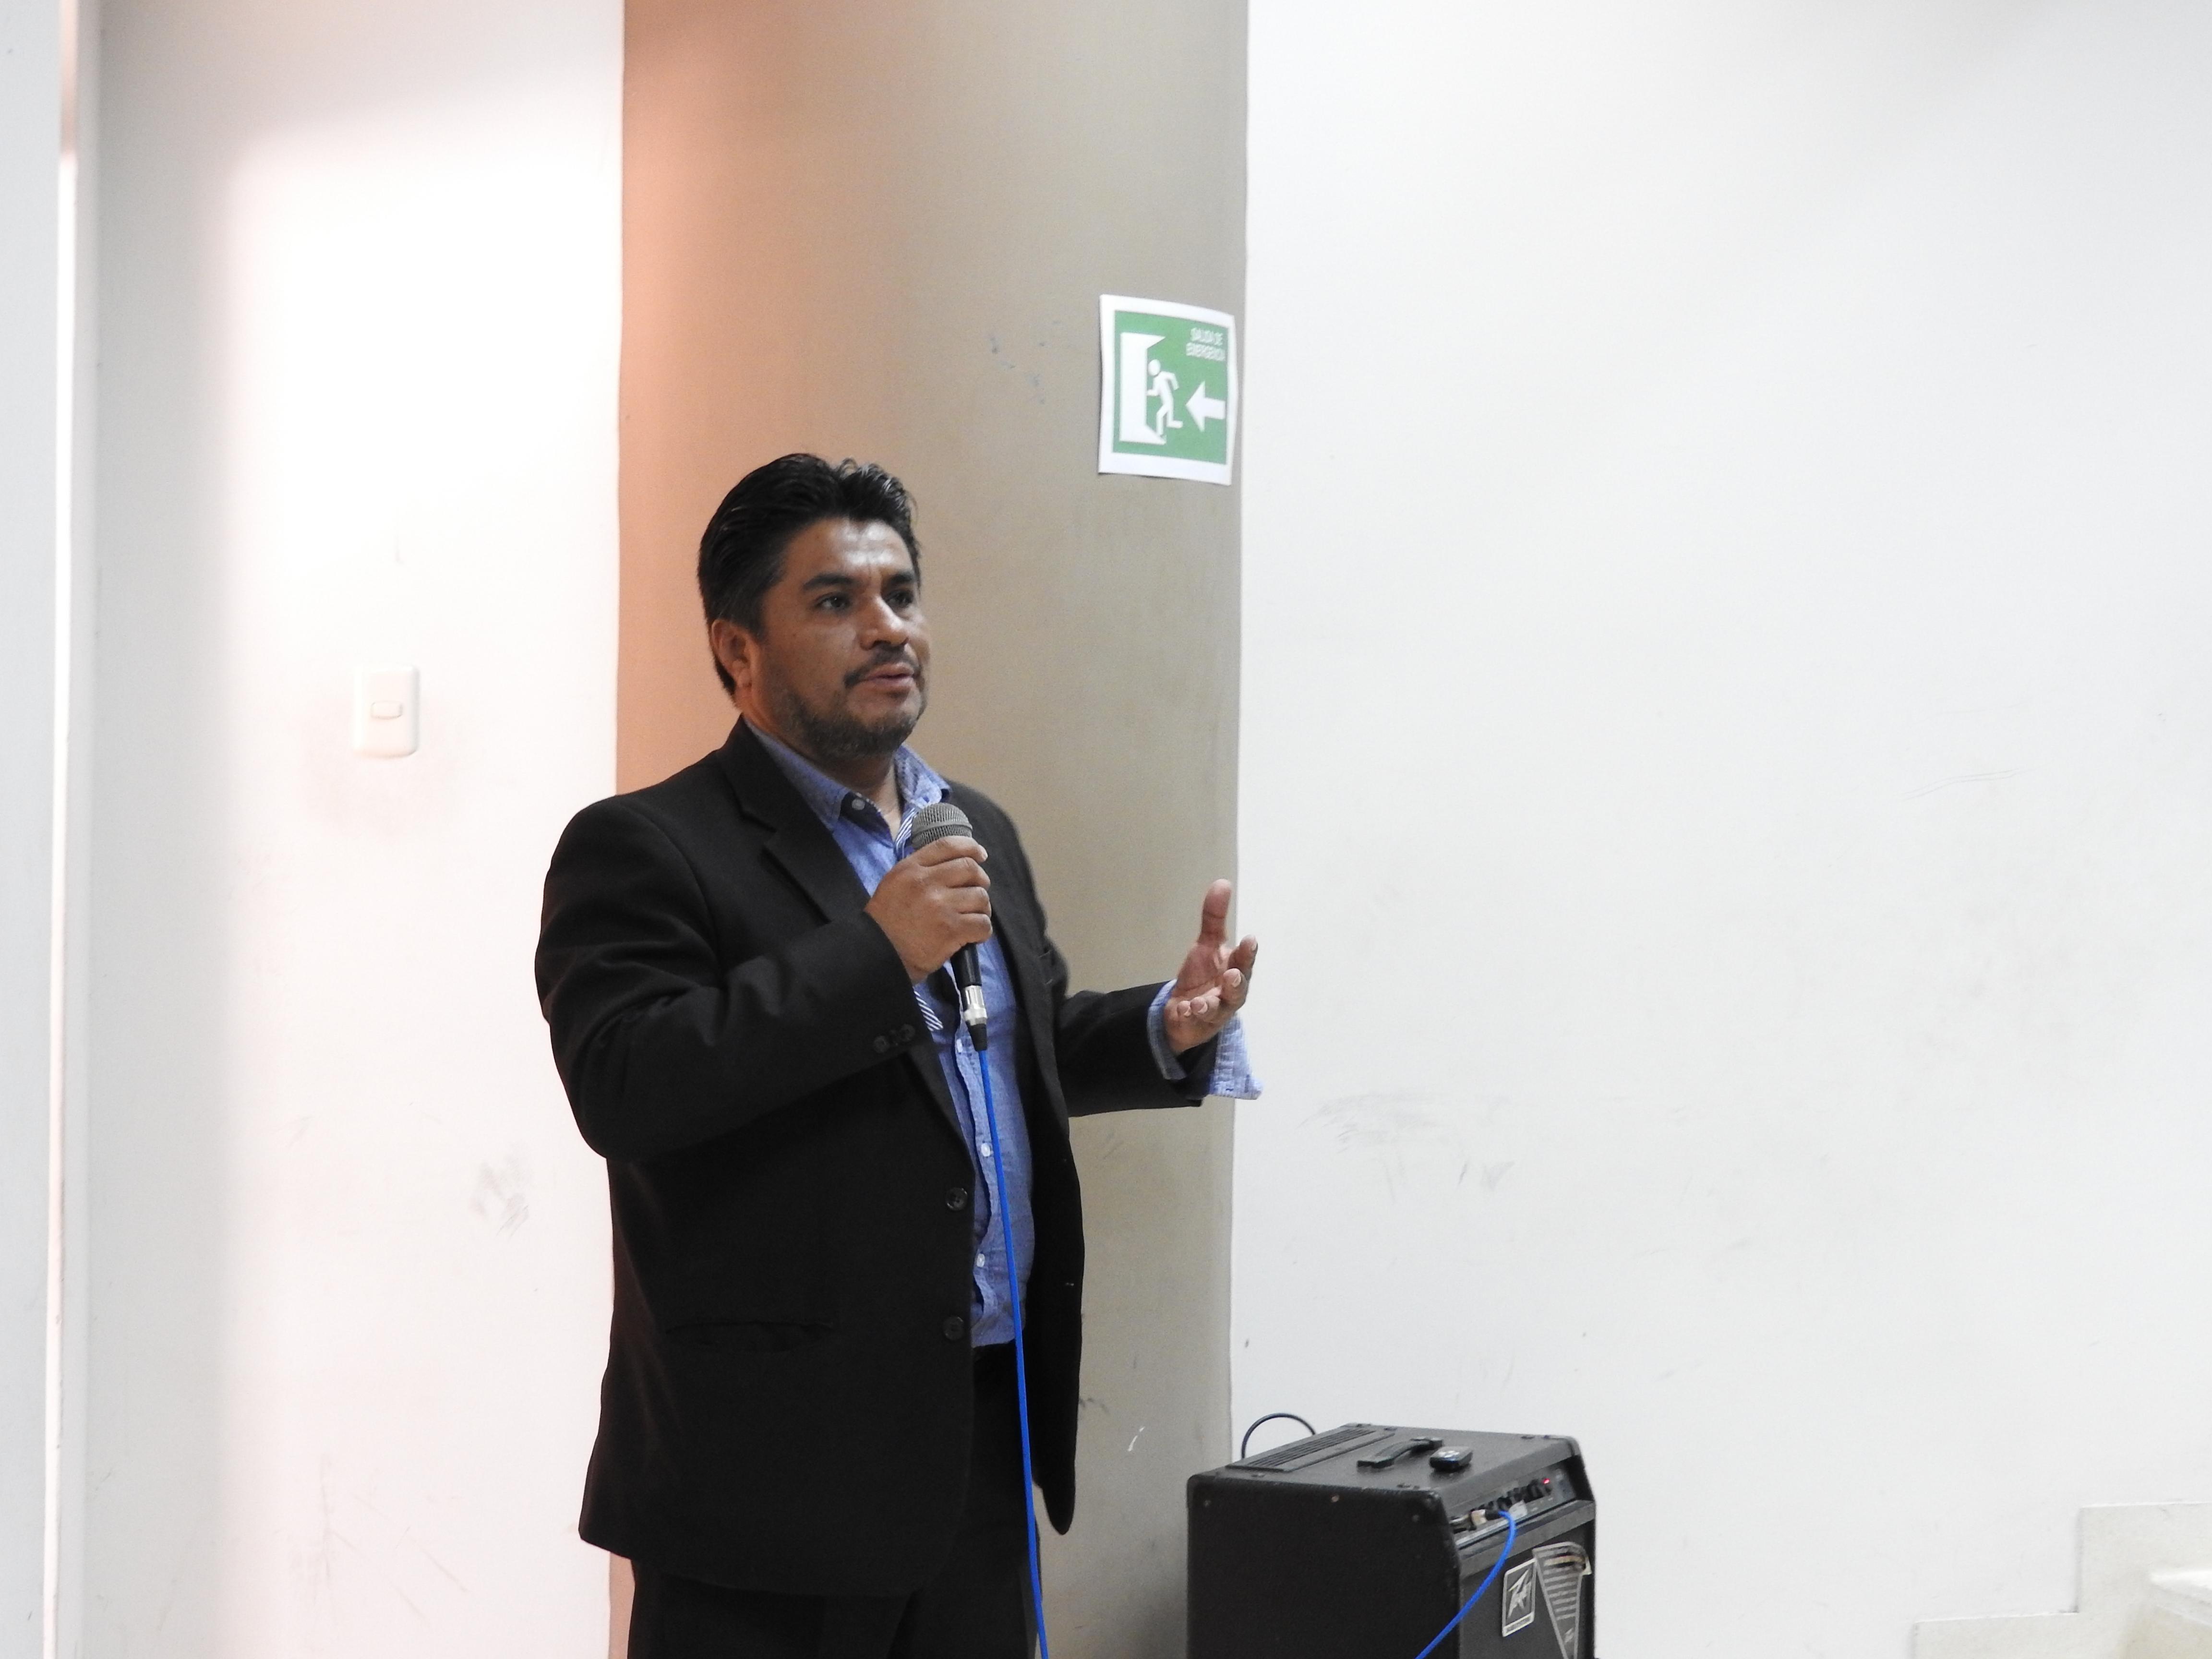 Exposición del docente Mg. Héctor Castro (PUCP)